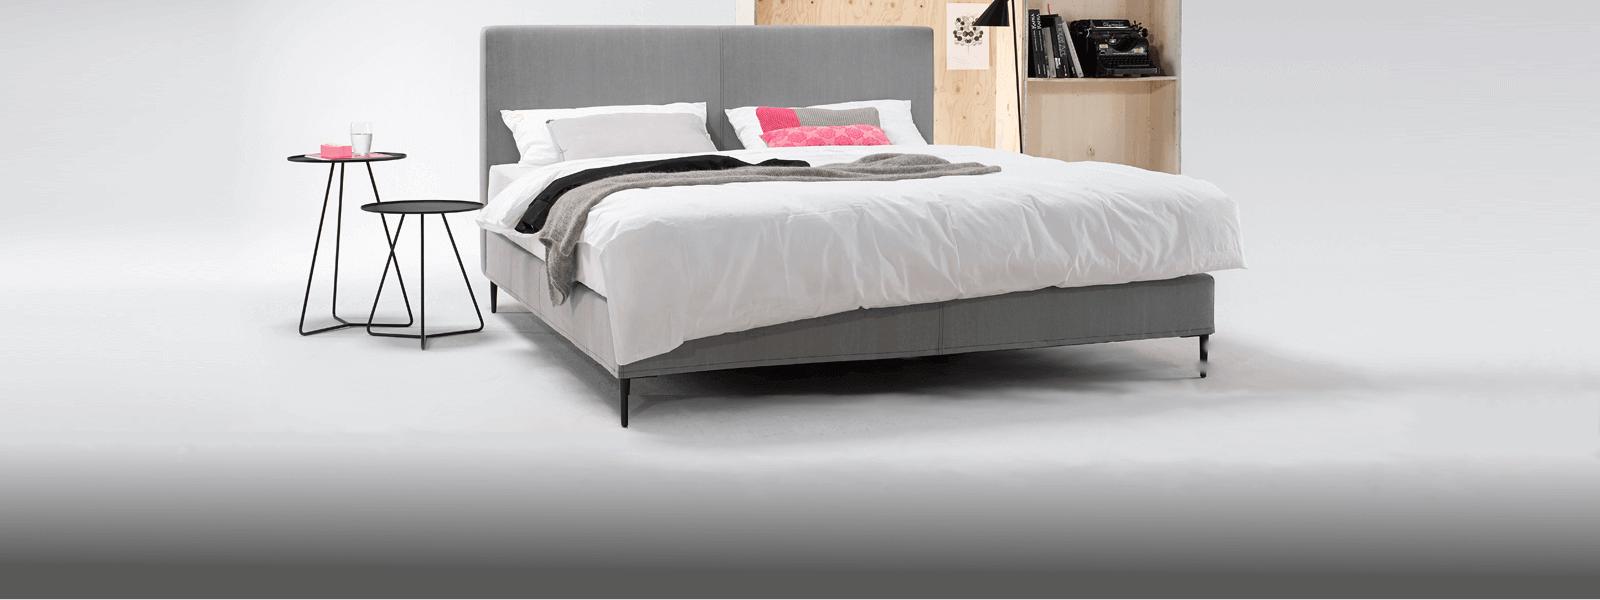 Full Size of Betten Matratzen 2020 Bei Traumkonzept Schlafen Weiße Ottoversand Luxus 140x200 Mit Bettkasten Möbel Boss überlänge Amerikanische Somnus Japanische Ebay Bett Betten Köln